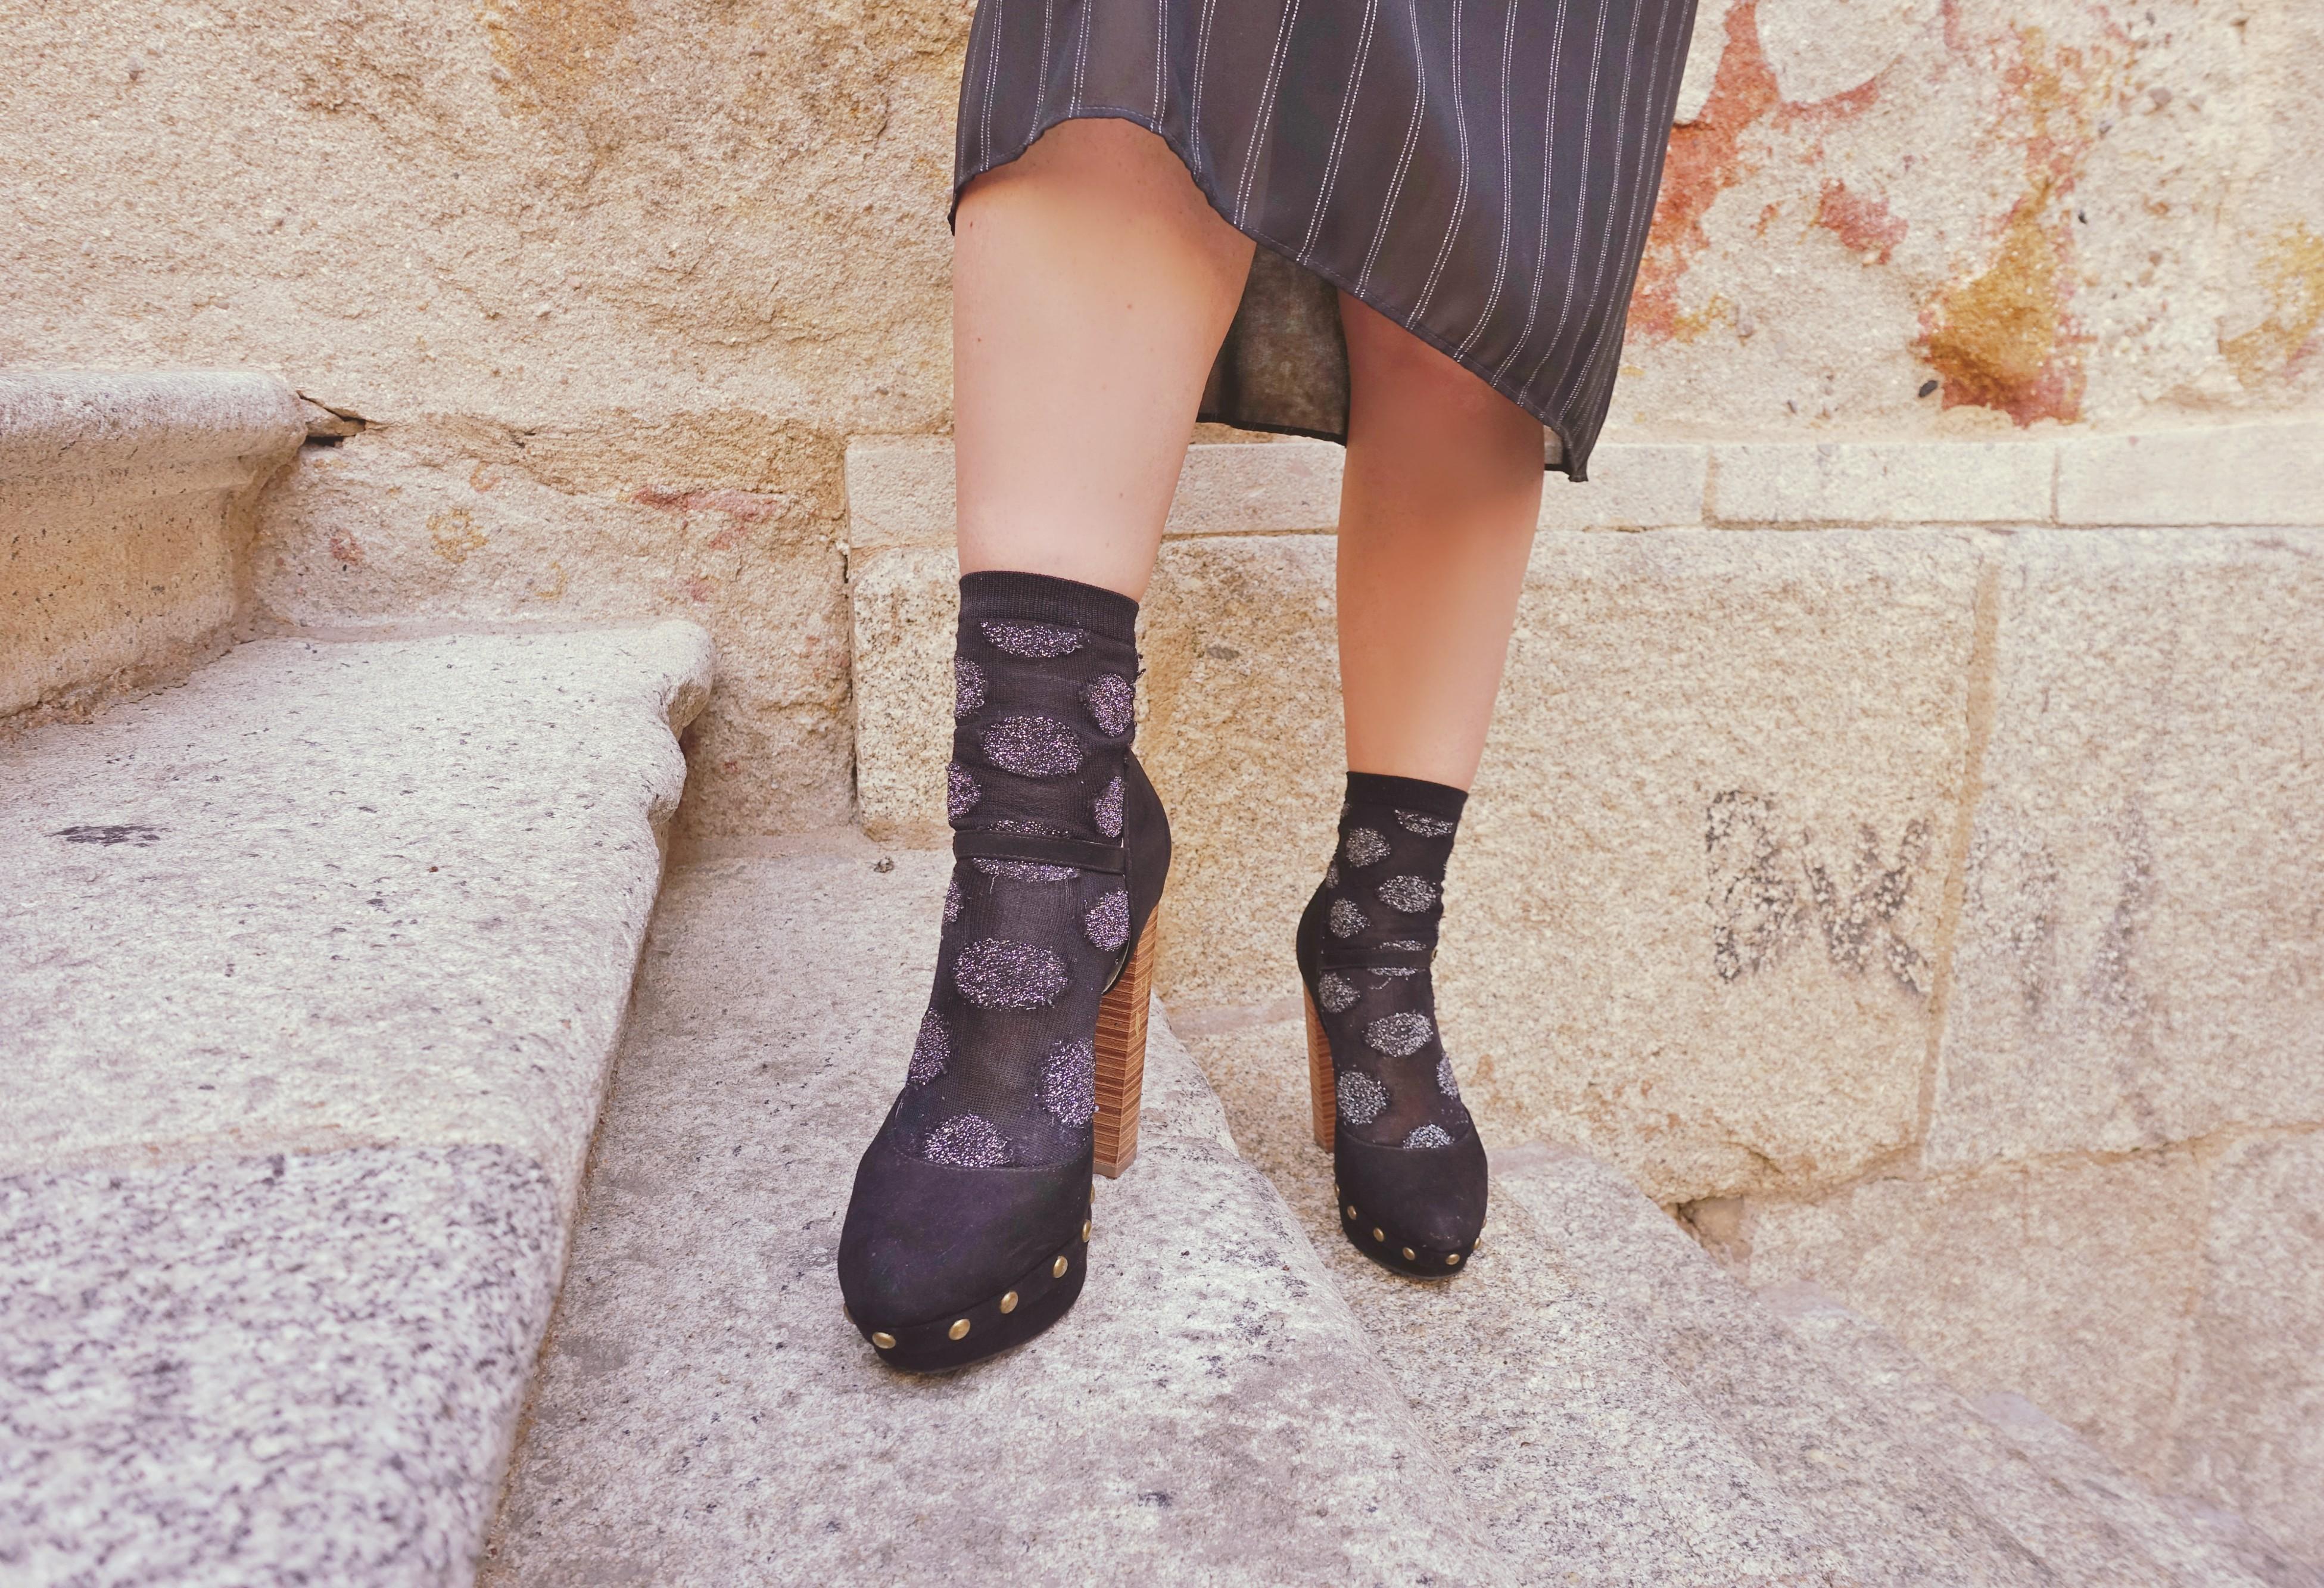 Calcetines-de-lunares-tacones-negros-justfab-blog-de-moda-ChicAdicta-influencer-polkadot-style-Chic-Adicta-PiensaenChic-Piensa-en-Chic